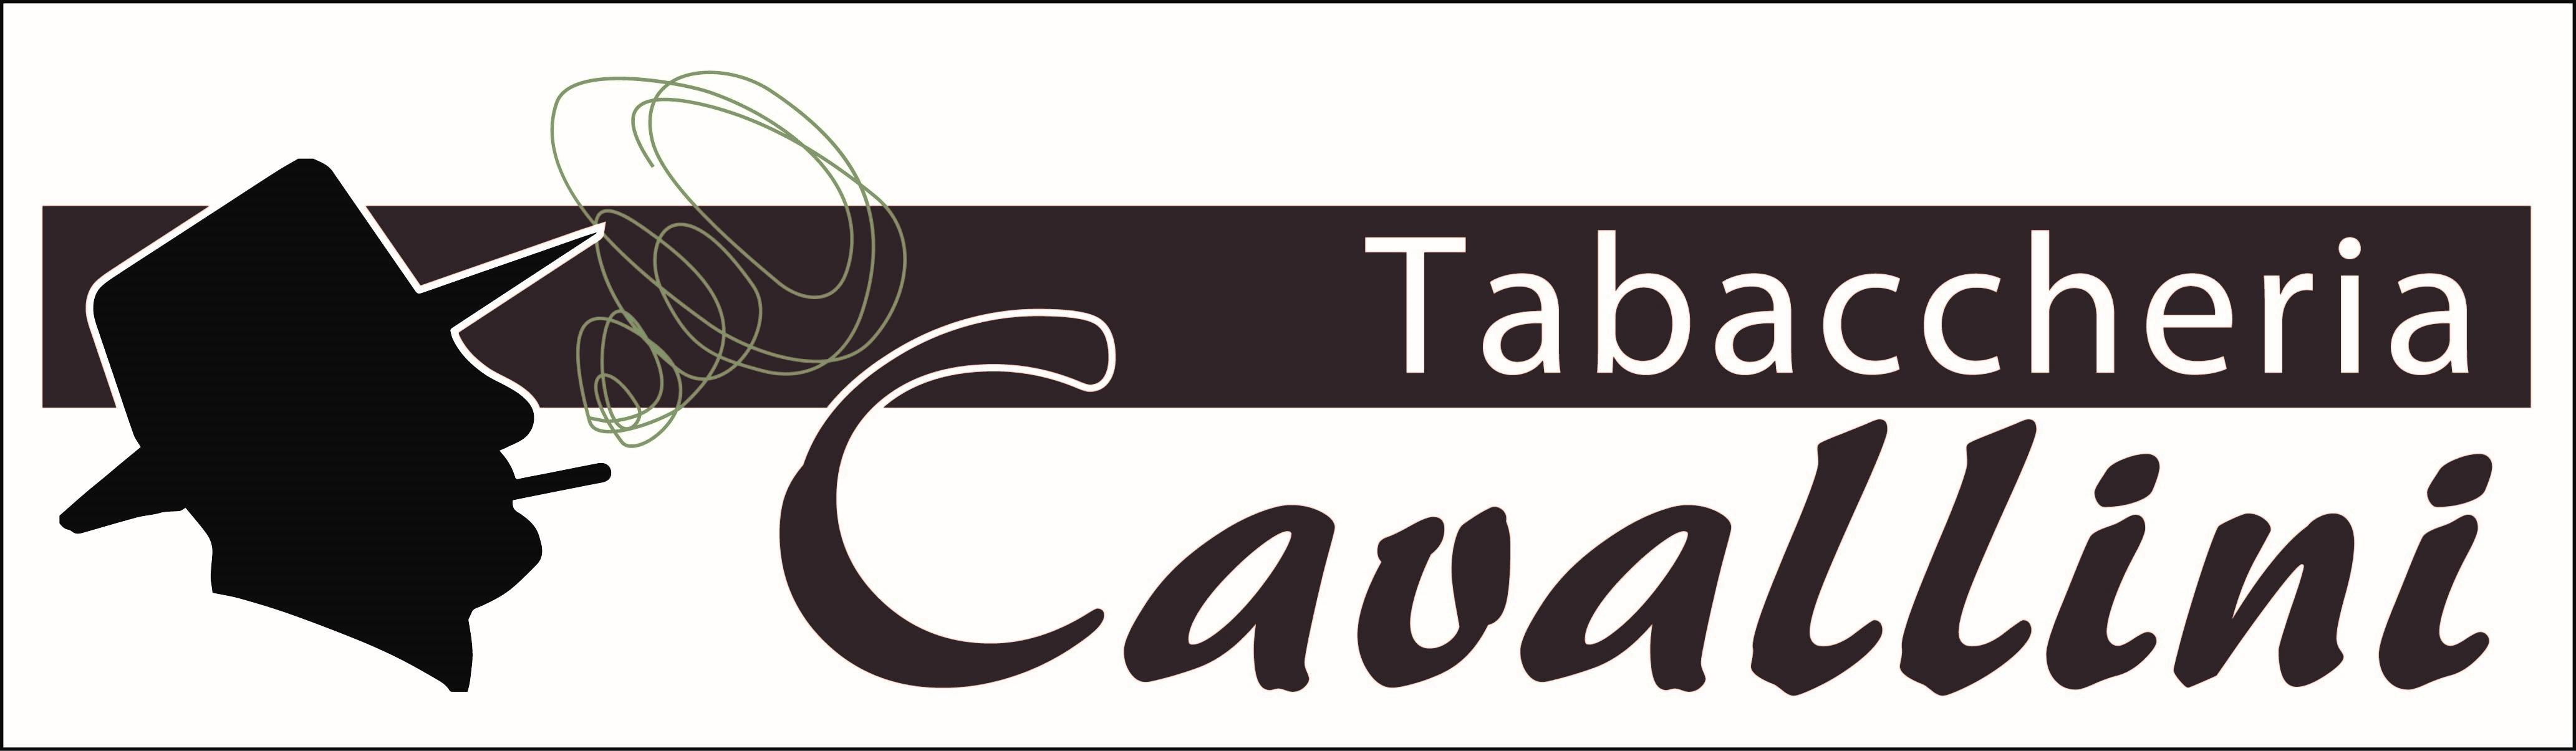 TABACCHERIA CAVALLINI